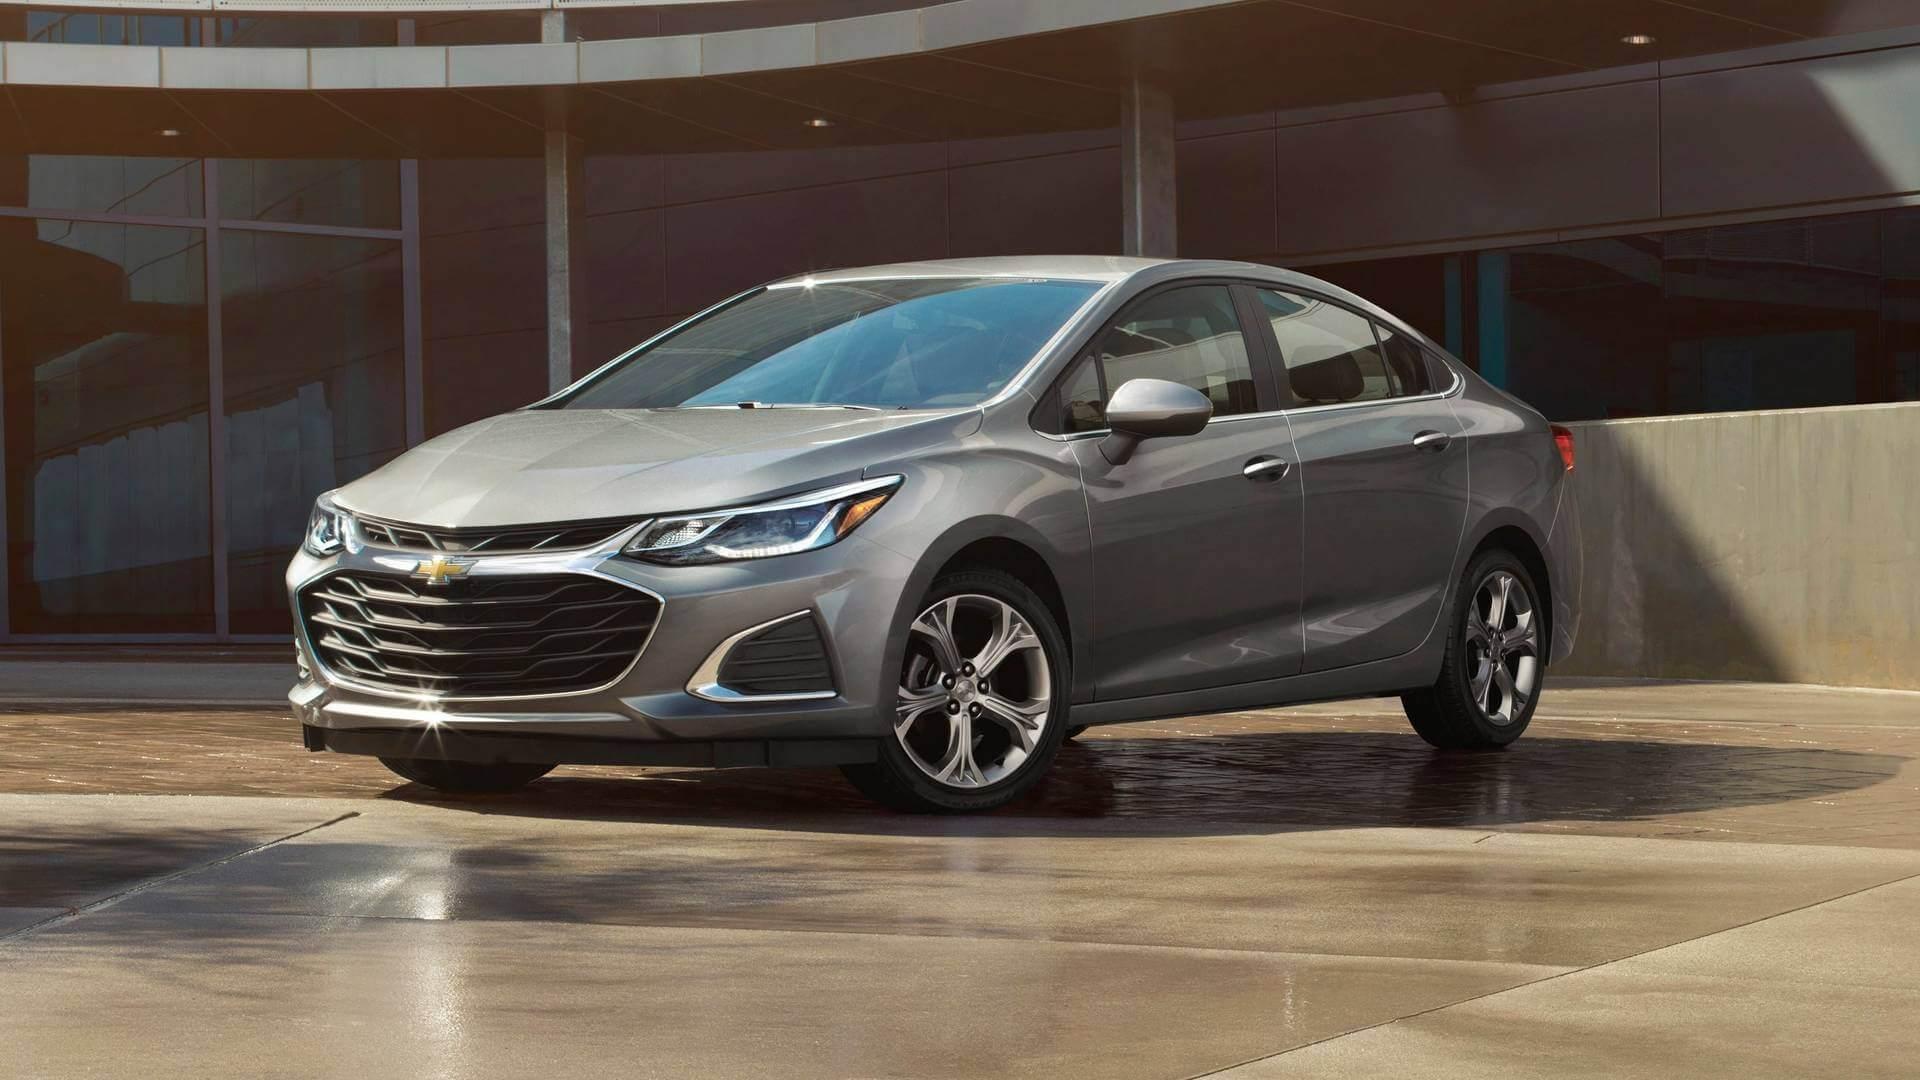 Novo Chevrolet Cruze ganhará linhas parecidas com o do Chevy Malibu